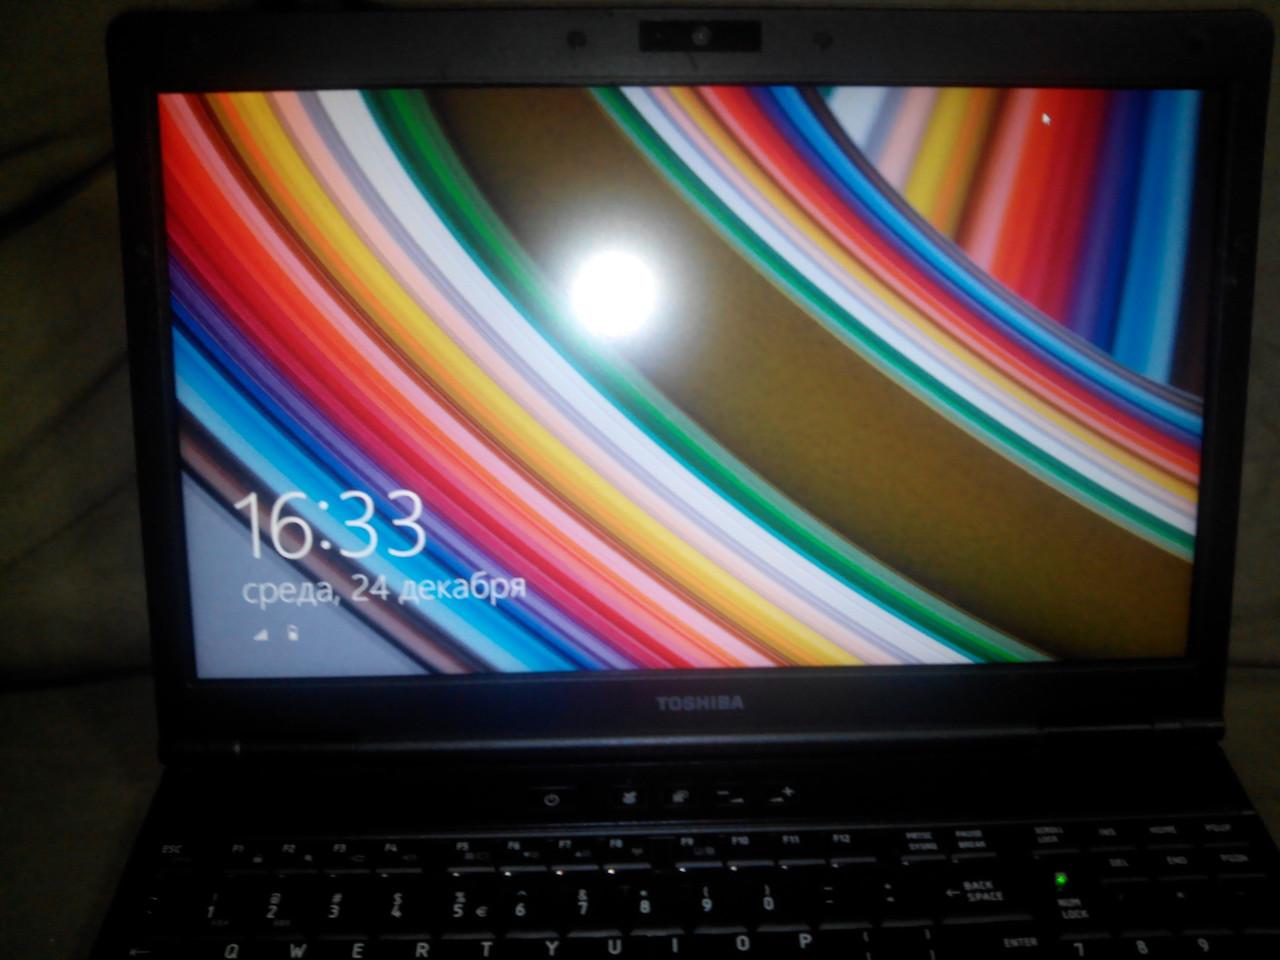 Ноутбук бизнесс-класа TOSHIBA TECRA A11-17V  бу